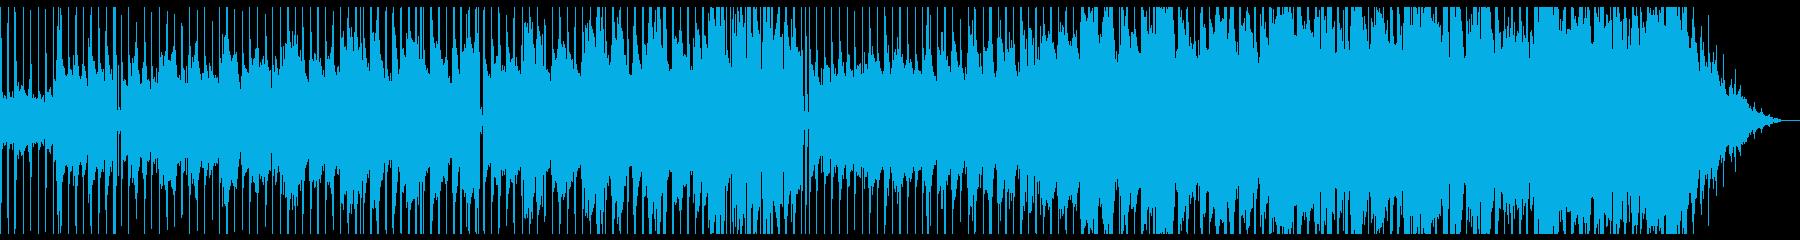 泣きのサックスのバラード。生バンド。の再生済みの波形